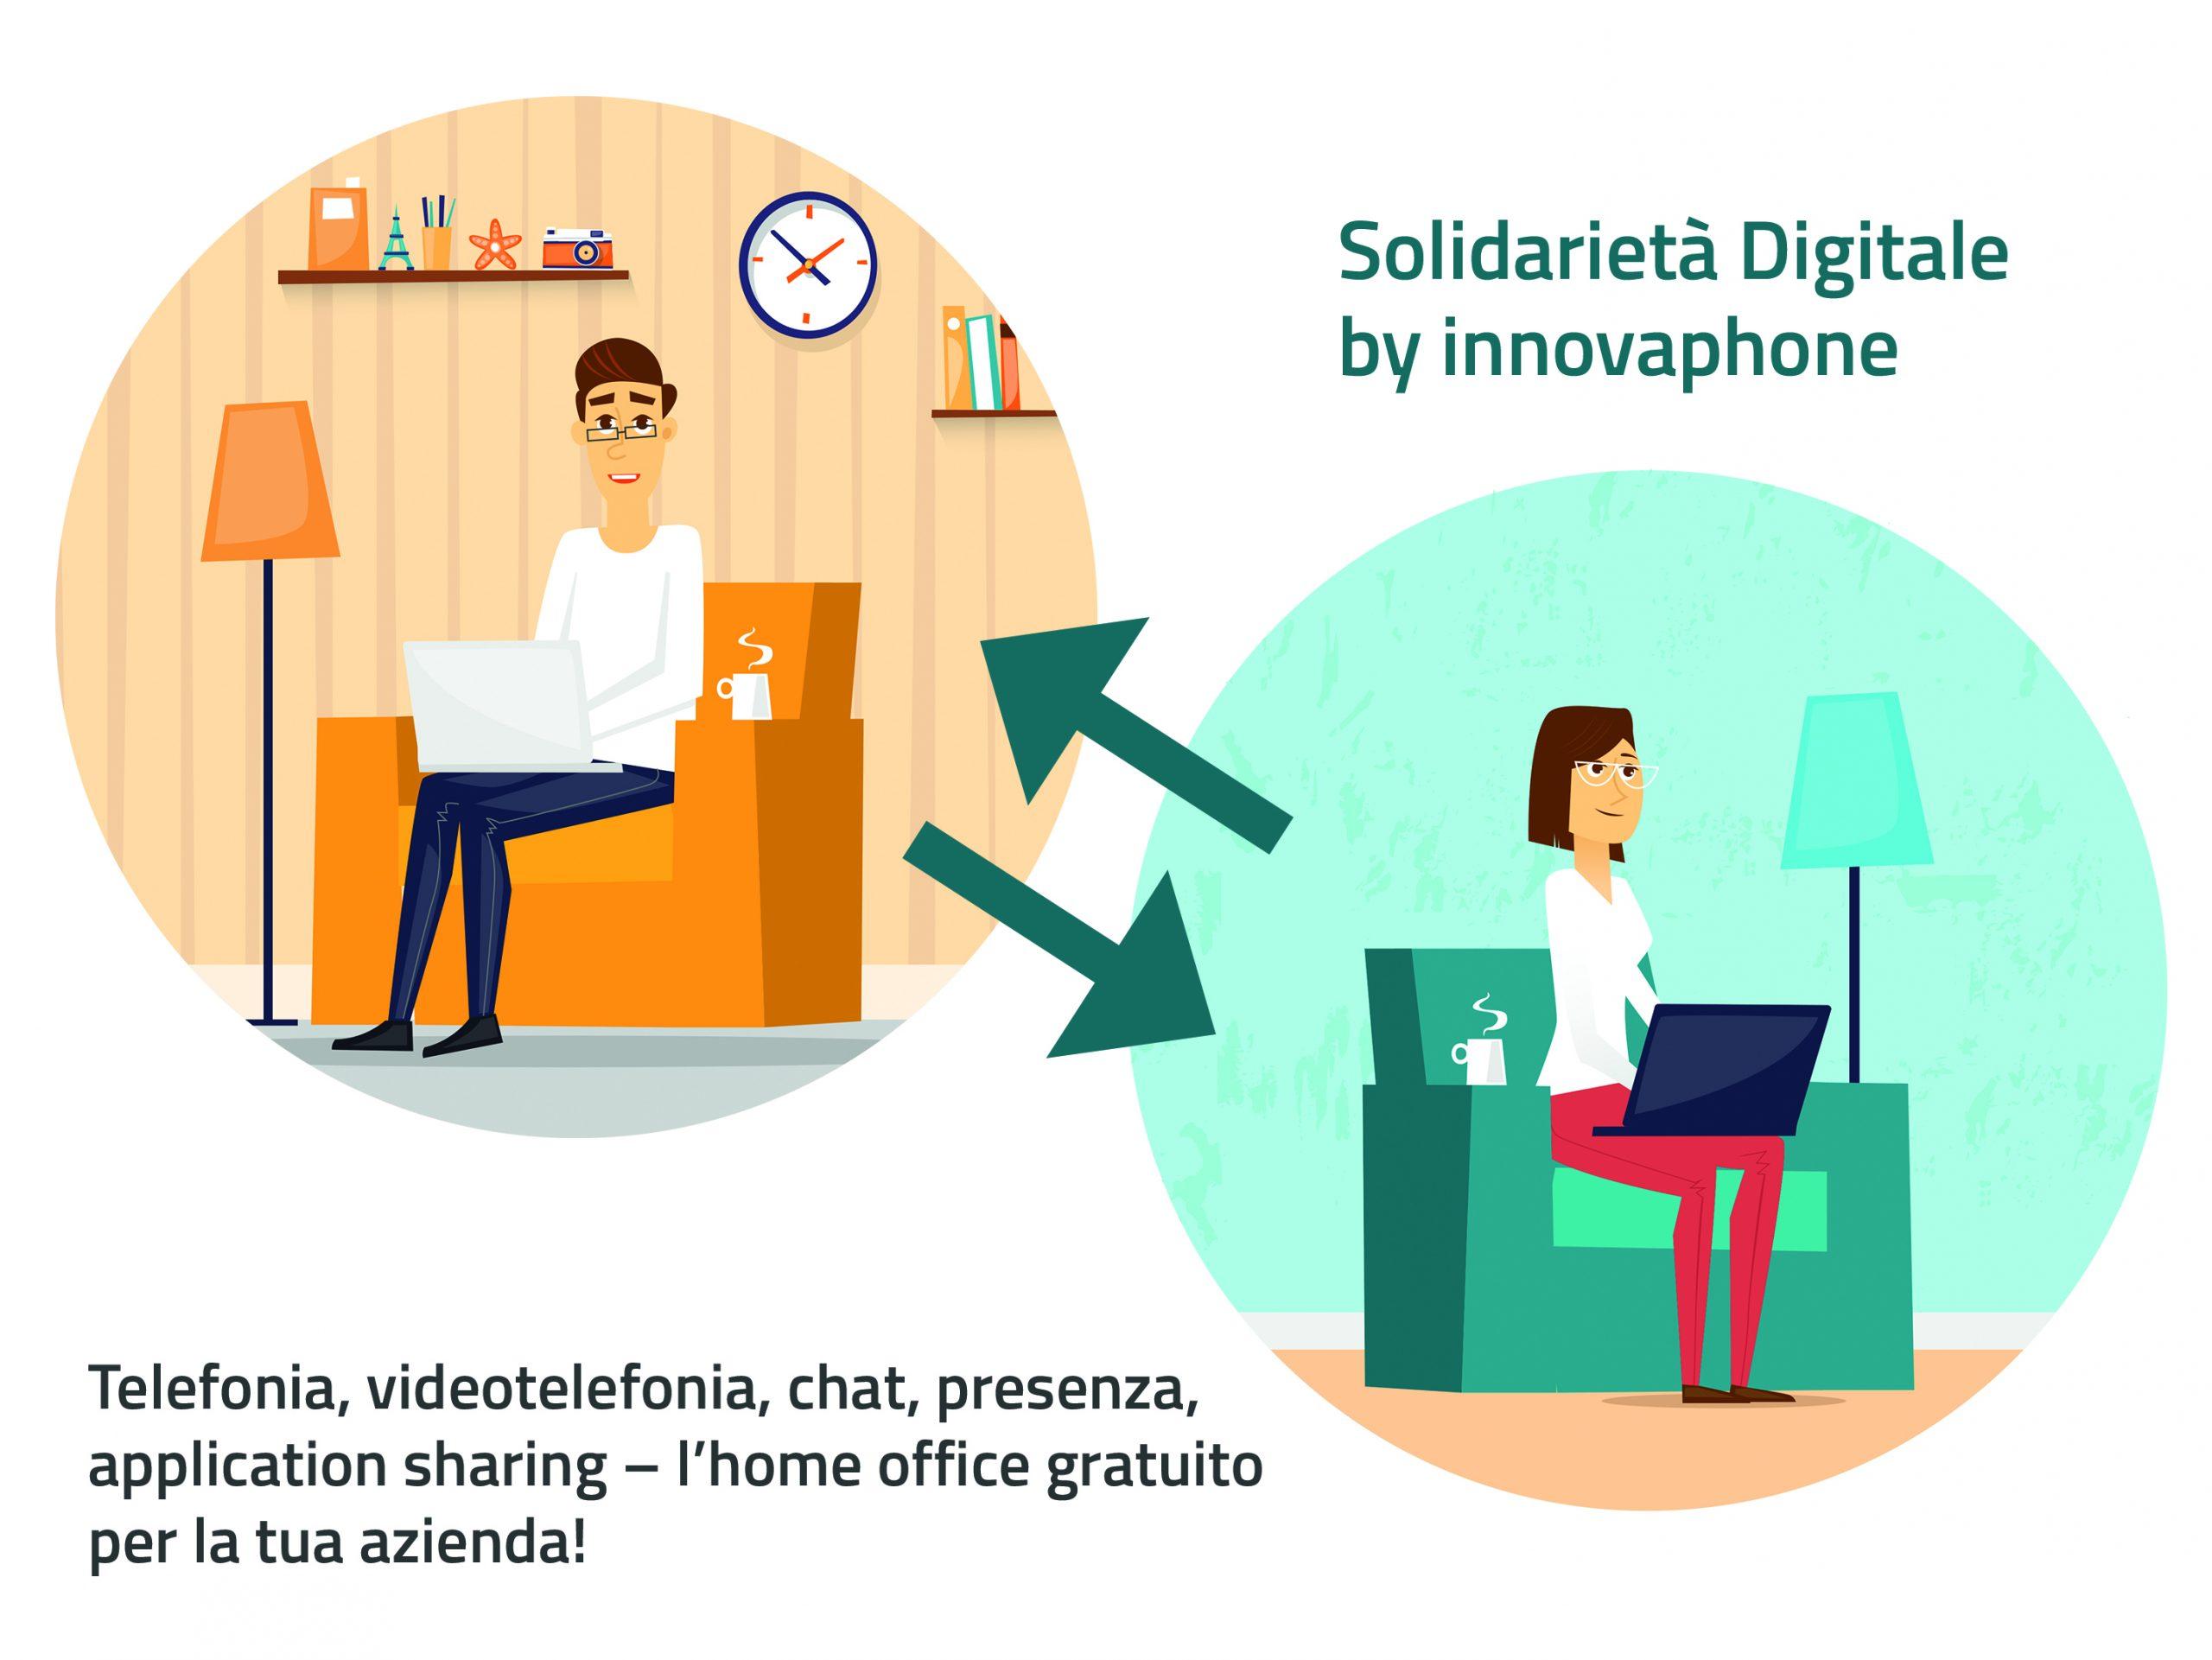 Solidarietà Digitale by innovaphone